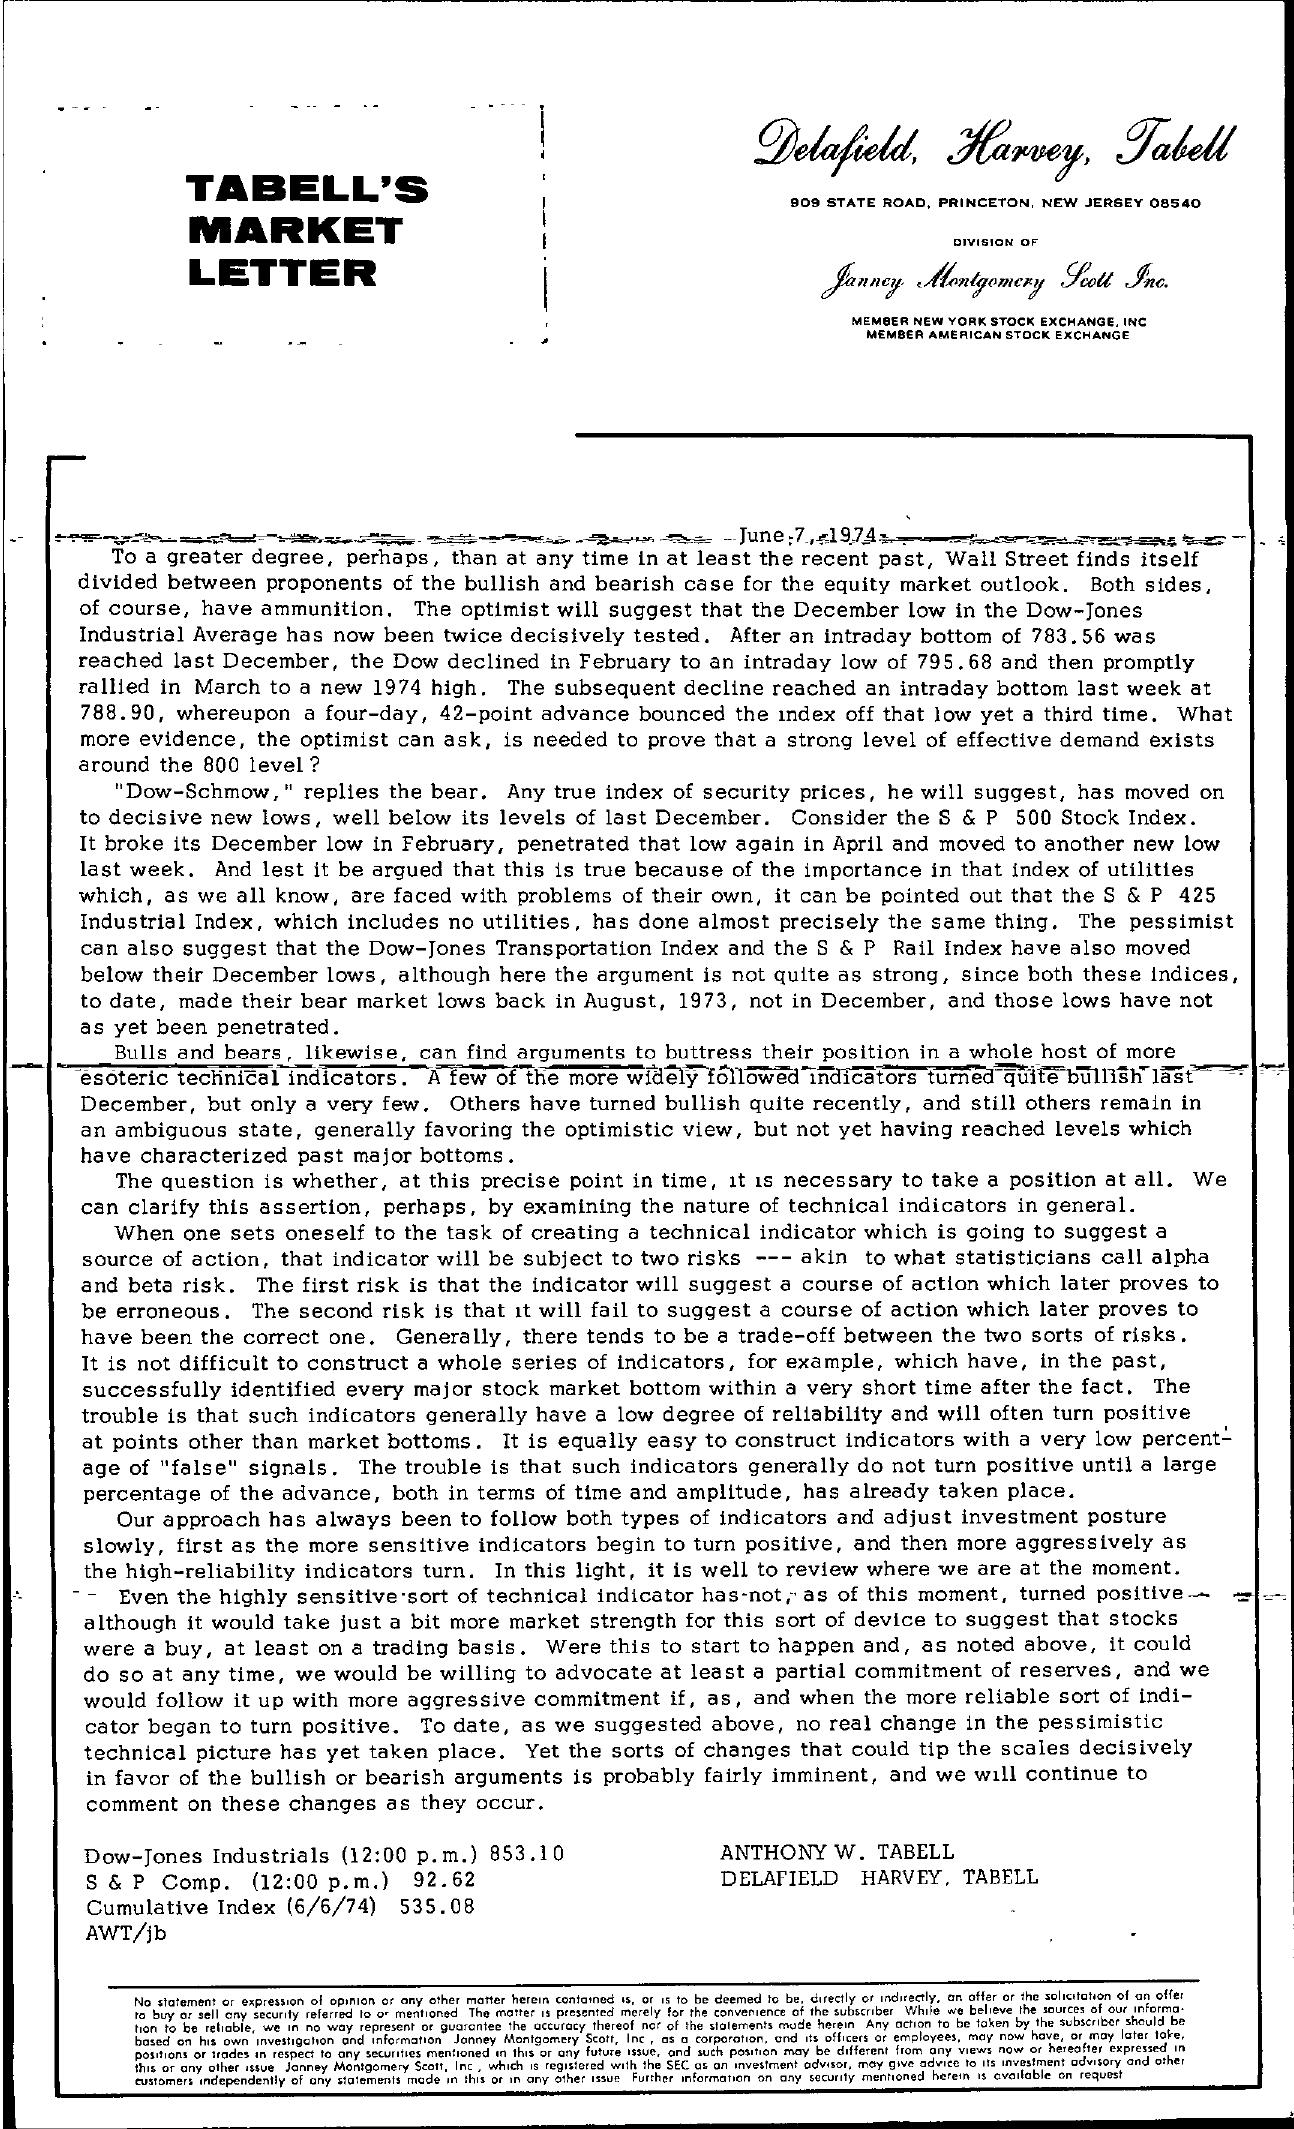 Tabell's Market Letter - June 07, 1974